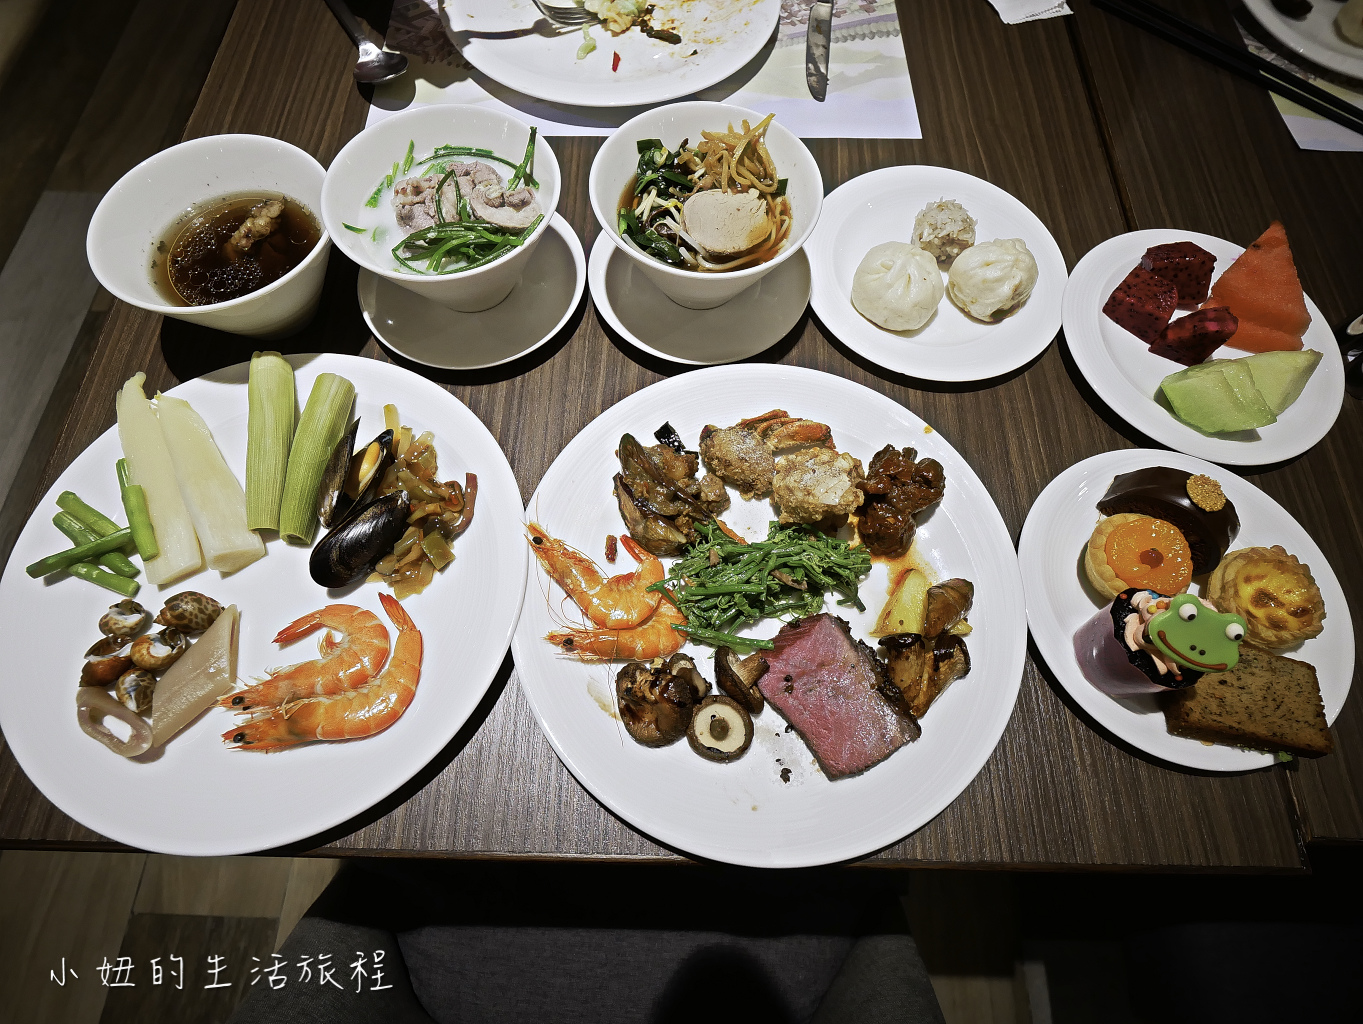 花蓮瑞穗春天酒店-62.jpg